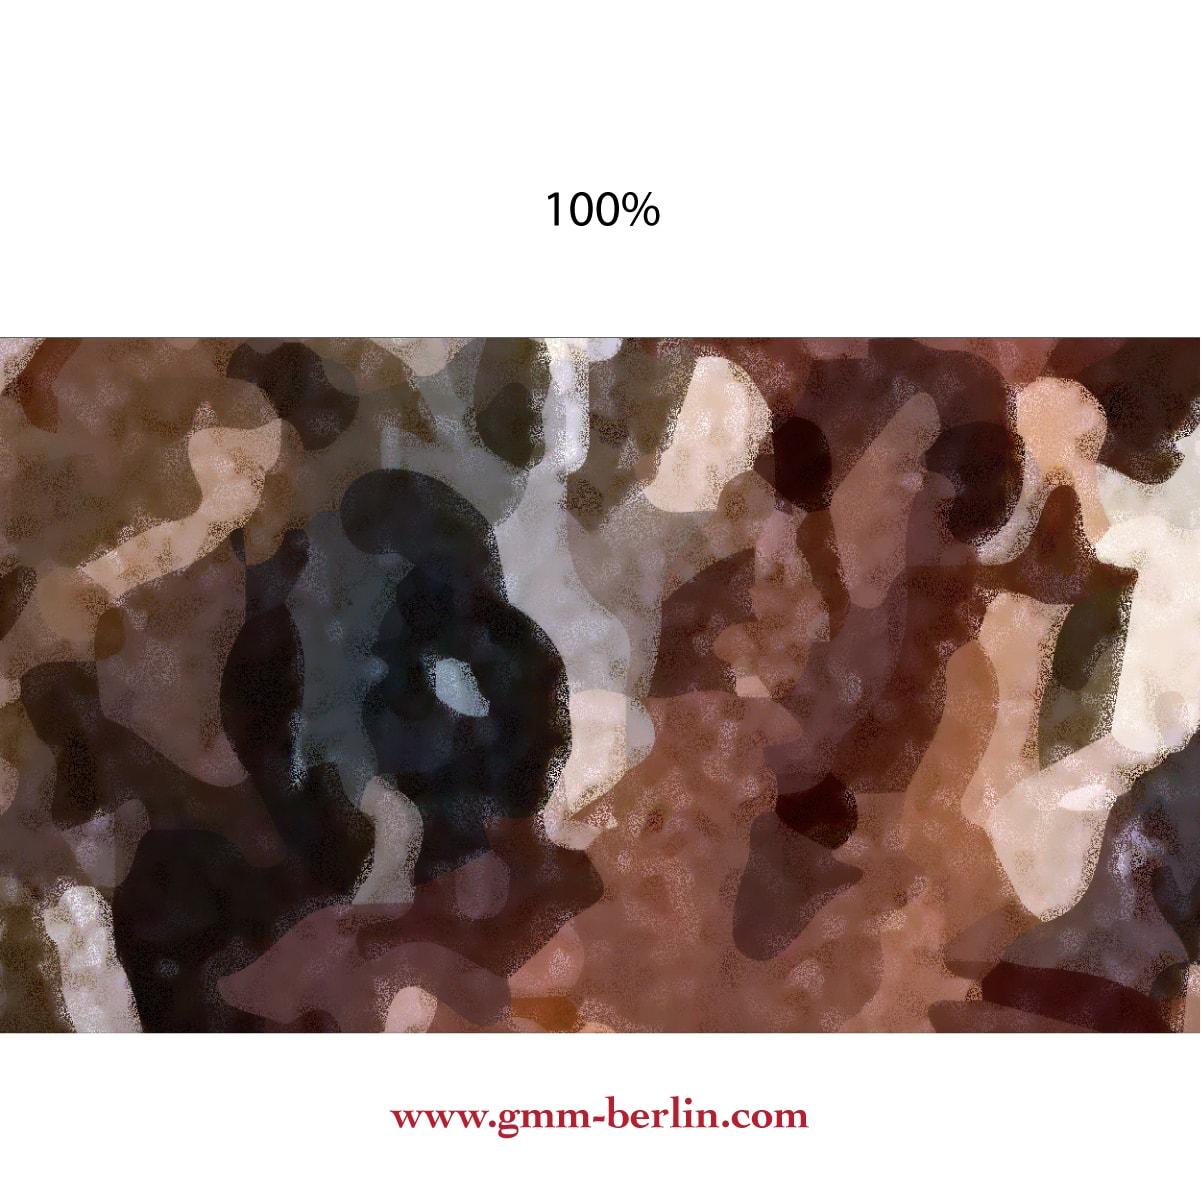 """Exotische Künstler Tapete """"der Tiger"""" nach Antoine-Louis Barye aus den Tapeten Neuheiten Exklusive Tapete für schönes Wohnen als Naturaltouch Luxus Vliestapete oder Basic Vliestapete"""